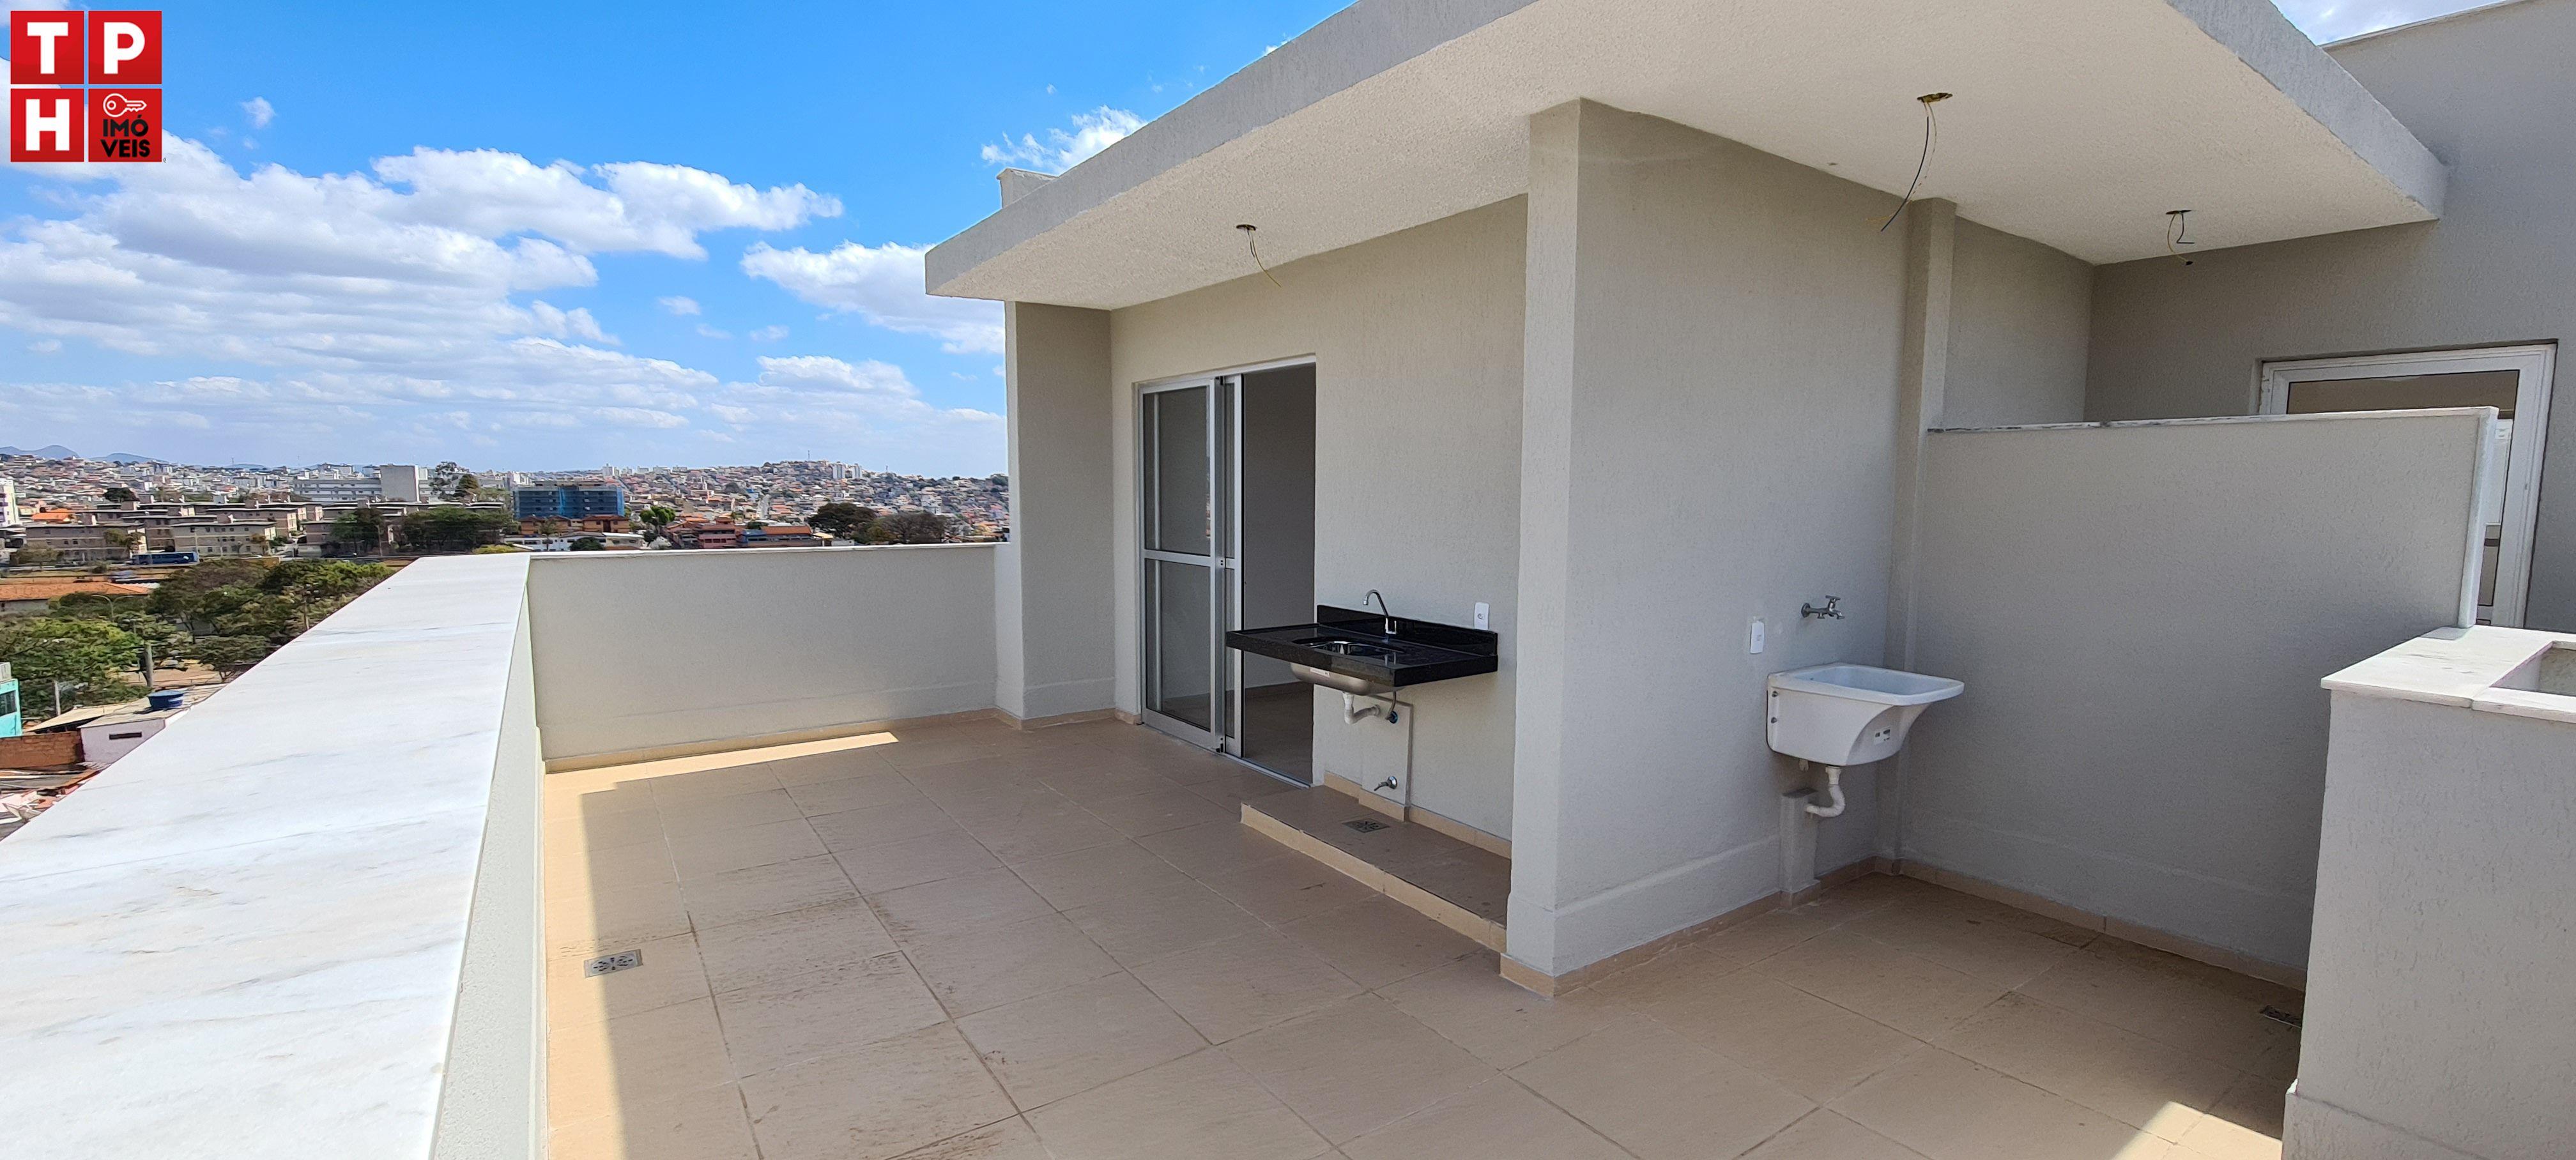 Cobertura à venda  no Milionario - Belo Horizonte, MG. Imóveis